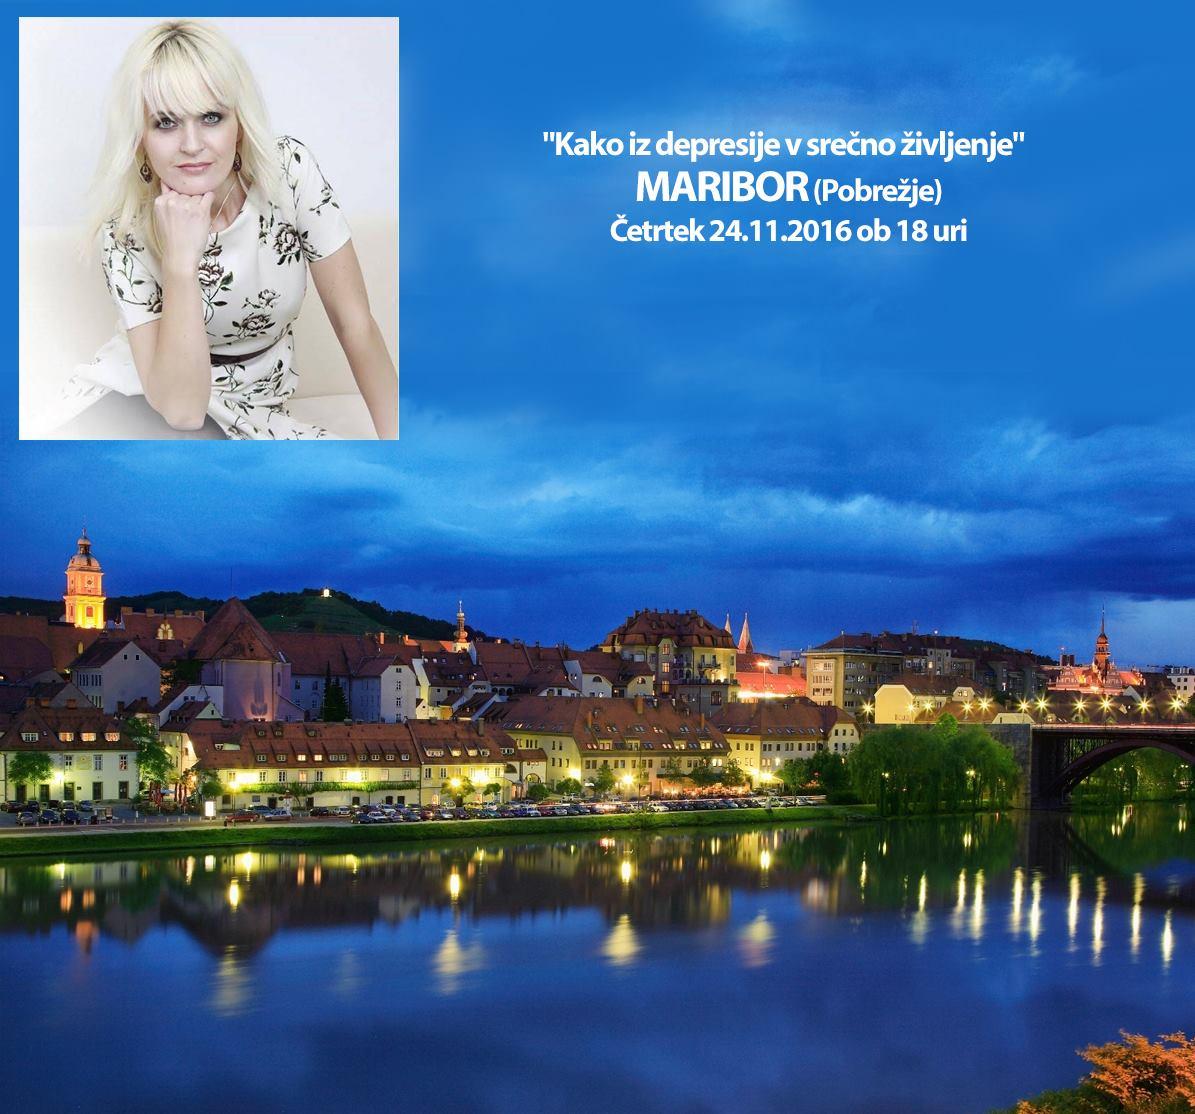 Predavanje v Mariboru, 24.11. ob 18h.